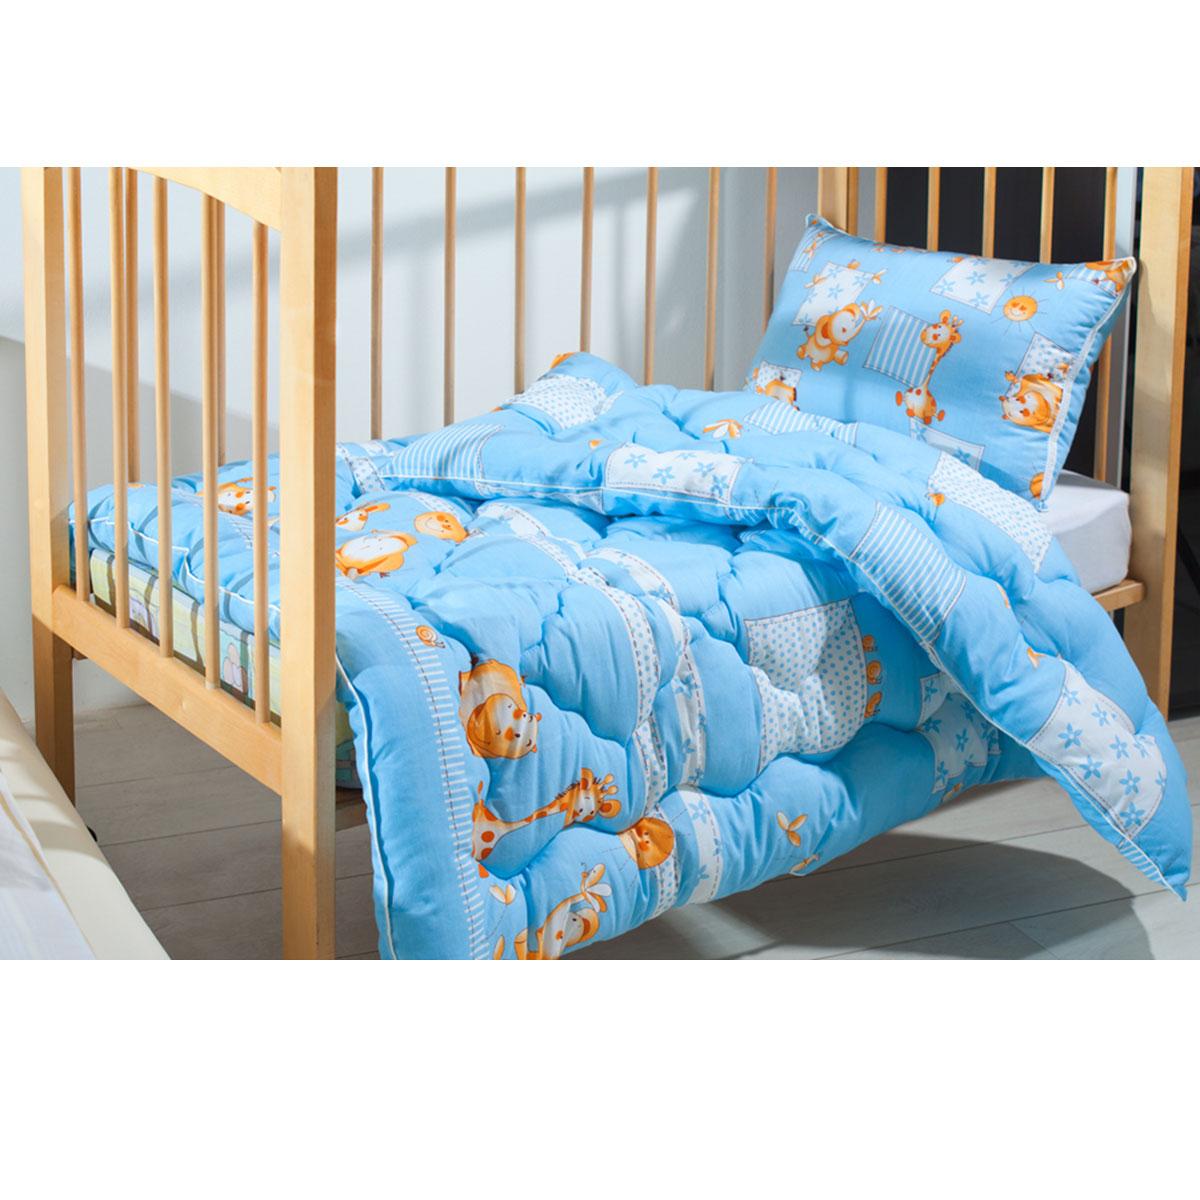 Одеяло детское Подушкино Лежебока, стеганое, цвет: голубой, 110 см х 140 см лежебока одеяло всесезонное taylak